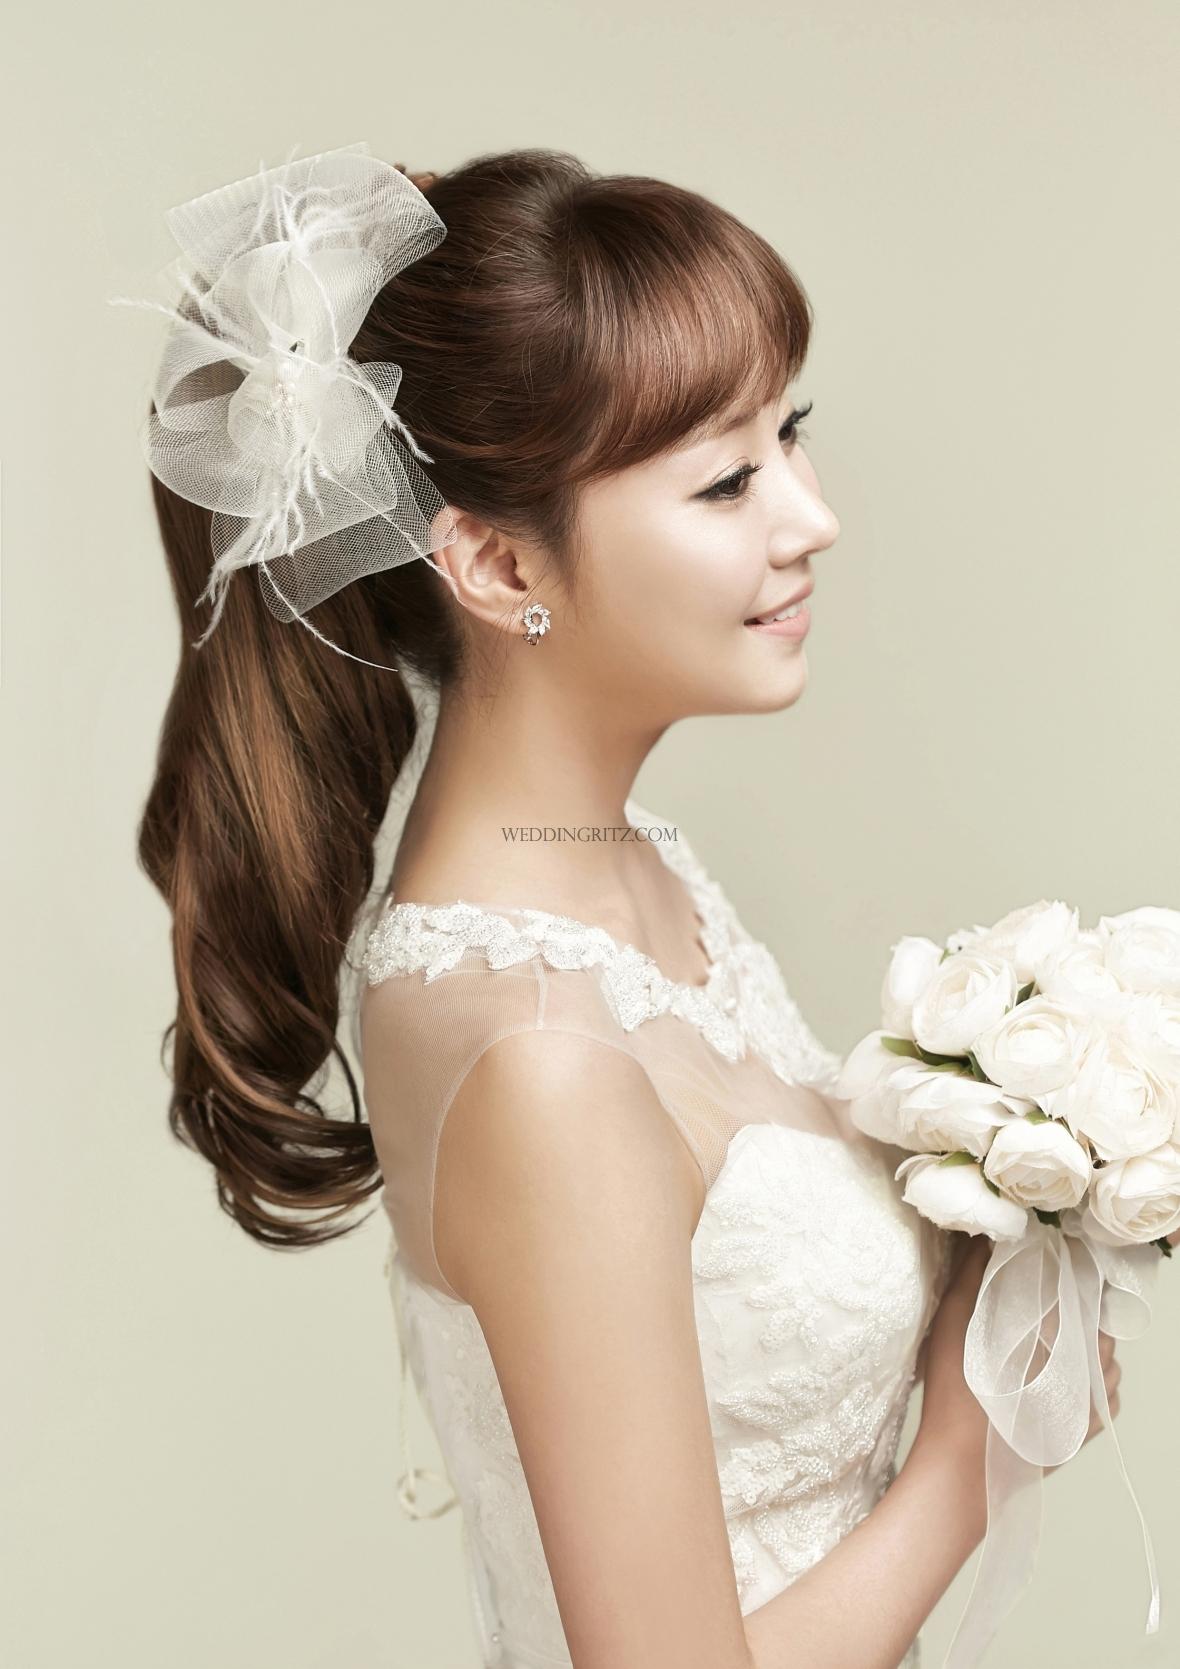 xu hướng trang điểm cô dâu 12